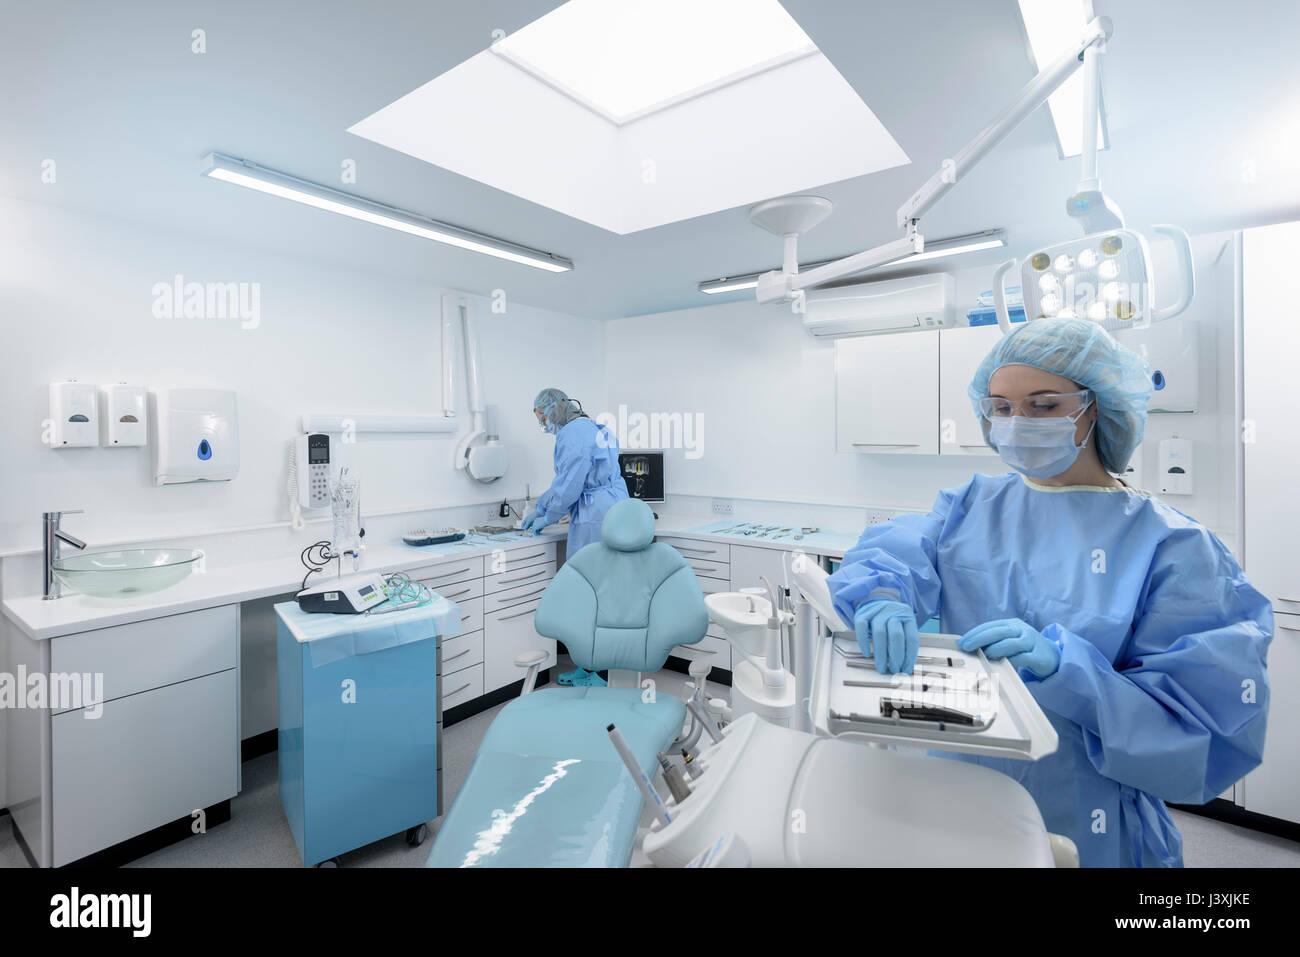 Dentiste et la préparation de l'assistant dans la salle de traitement de chirurgie dentaire Photo Stock